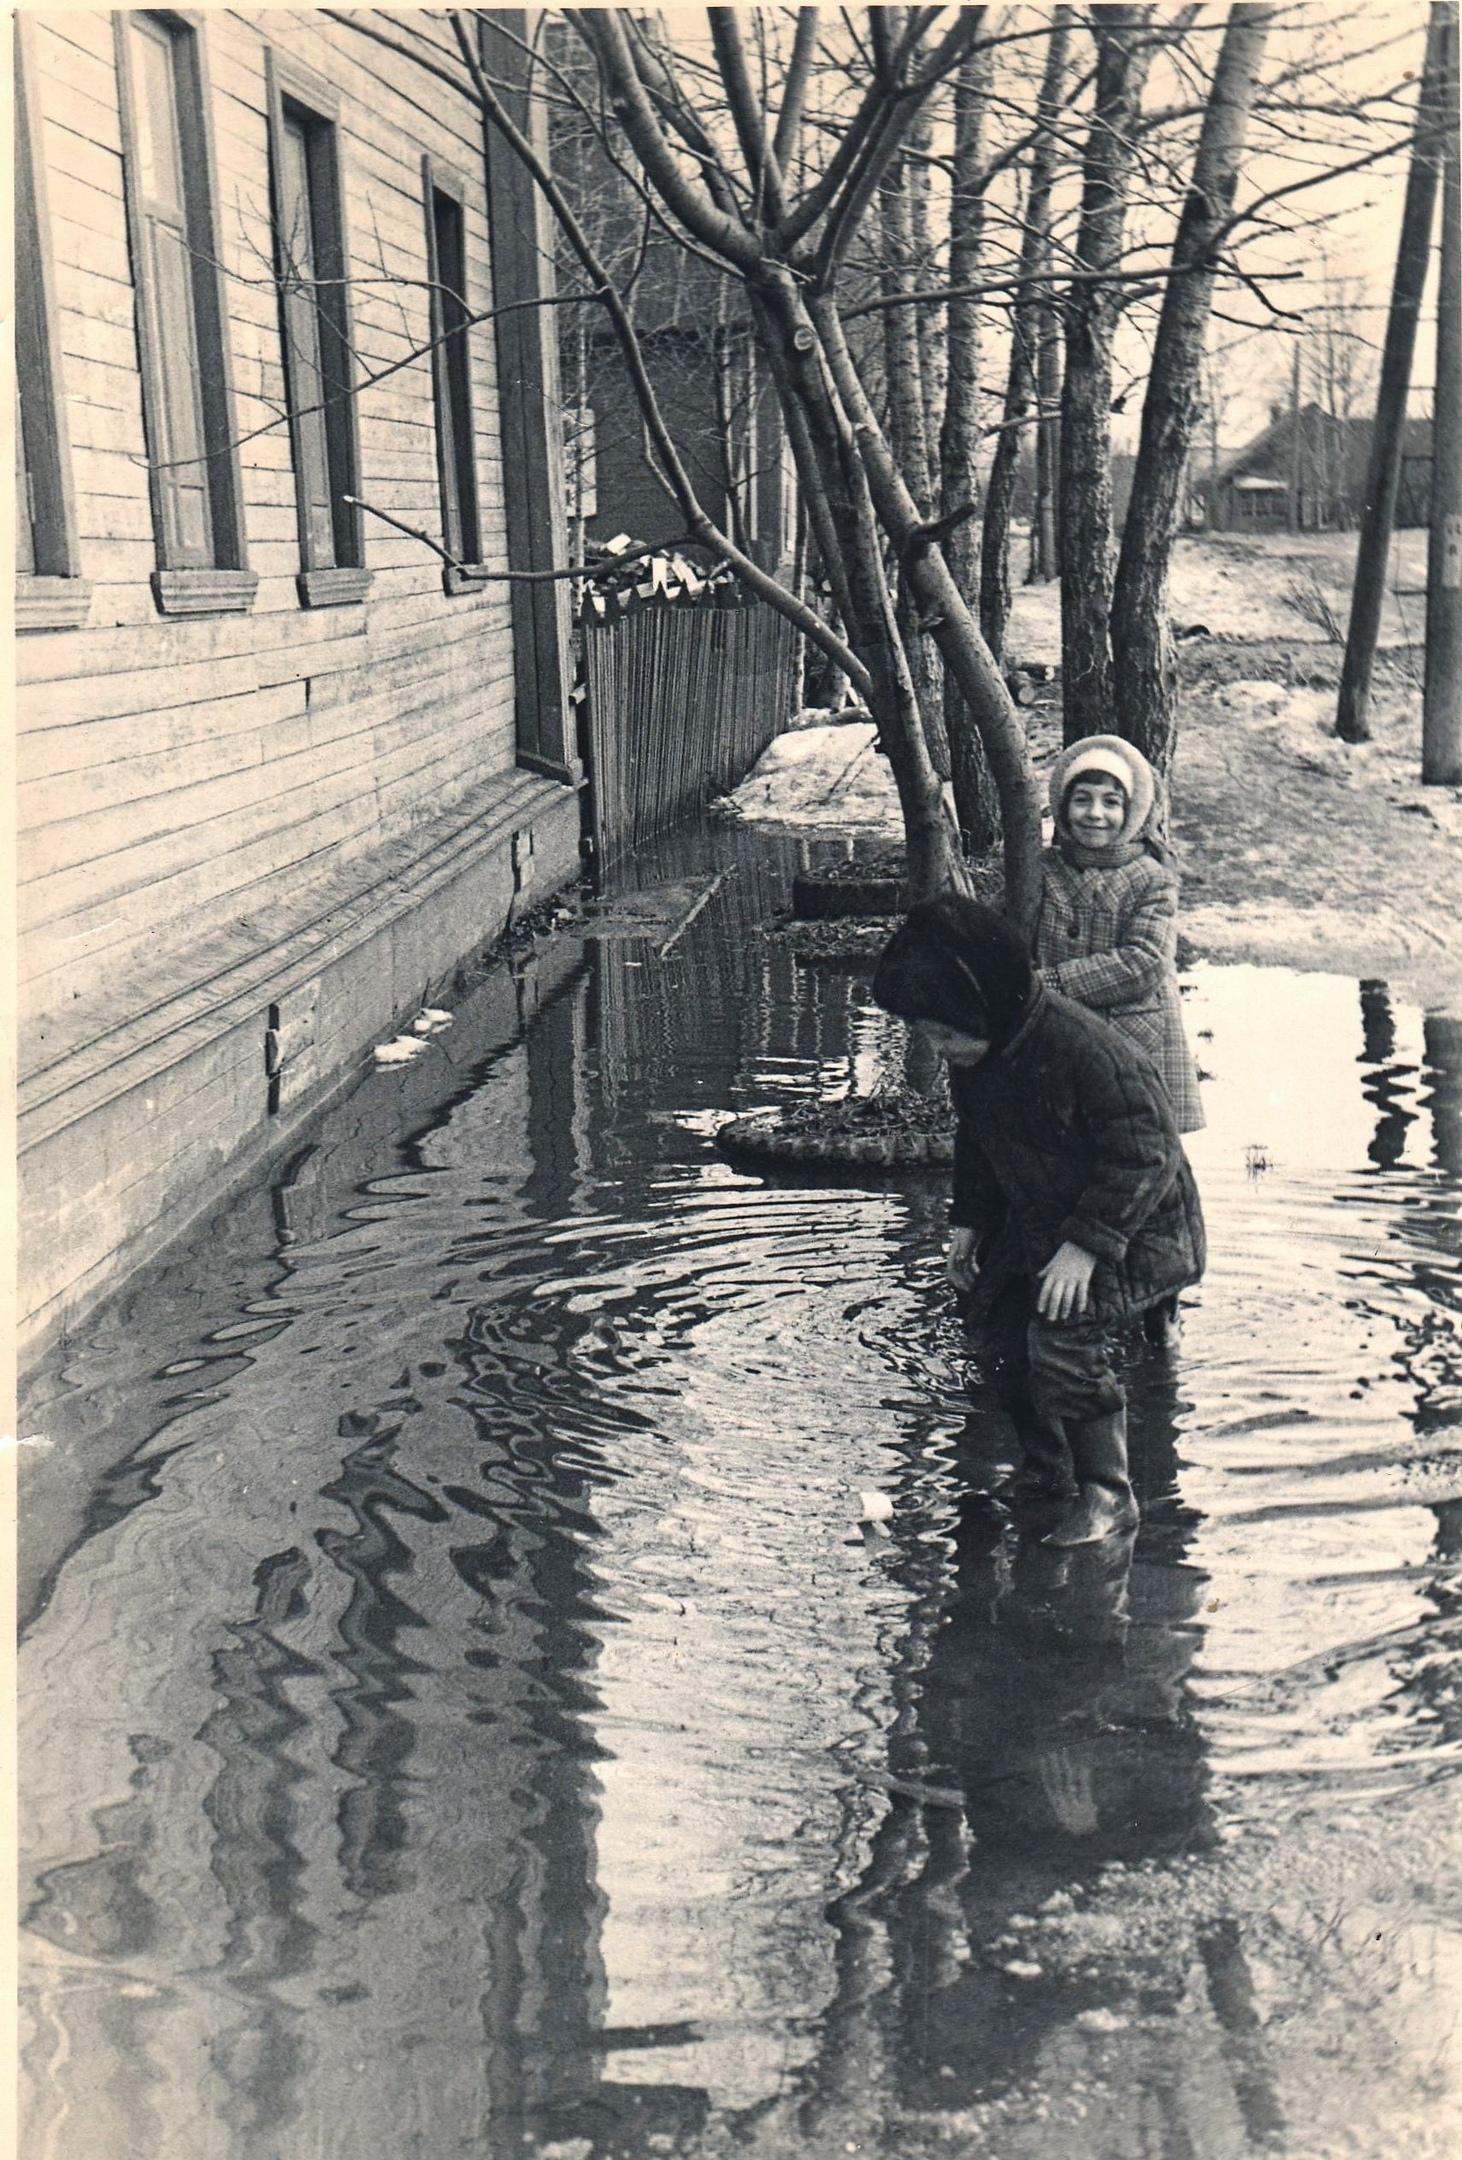 Фото 1977-1978-го года, посёлок Коноша, у дома